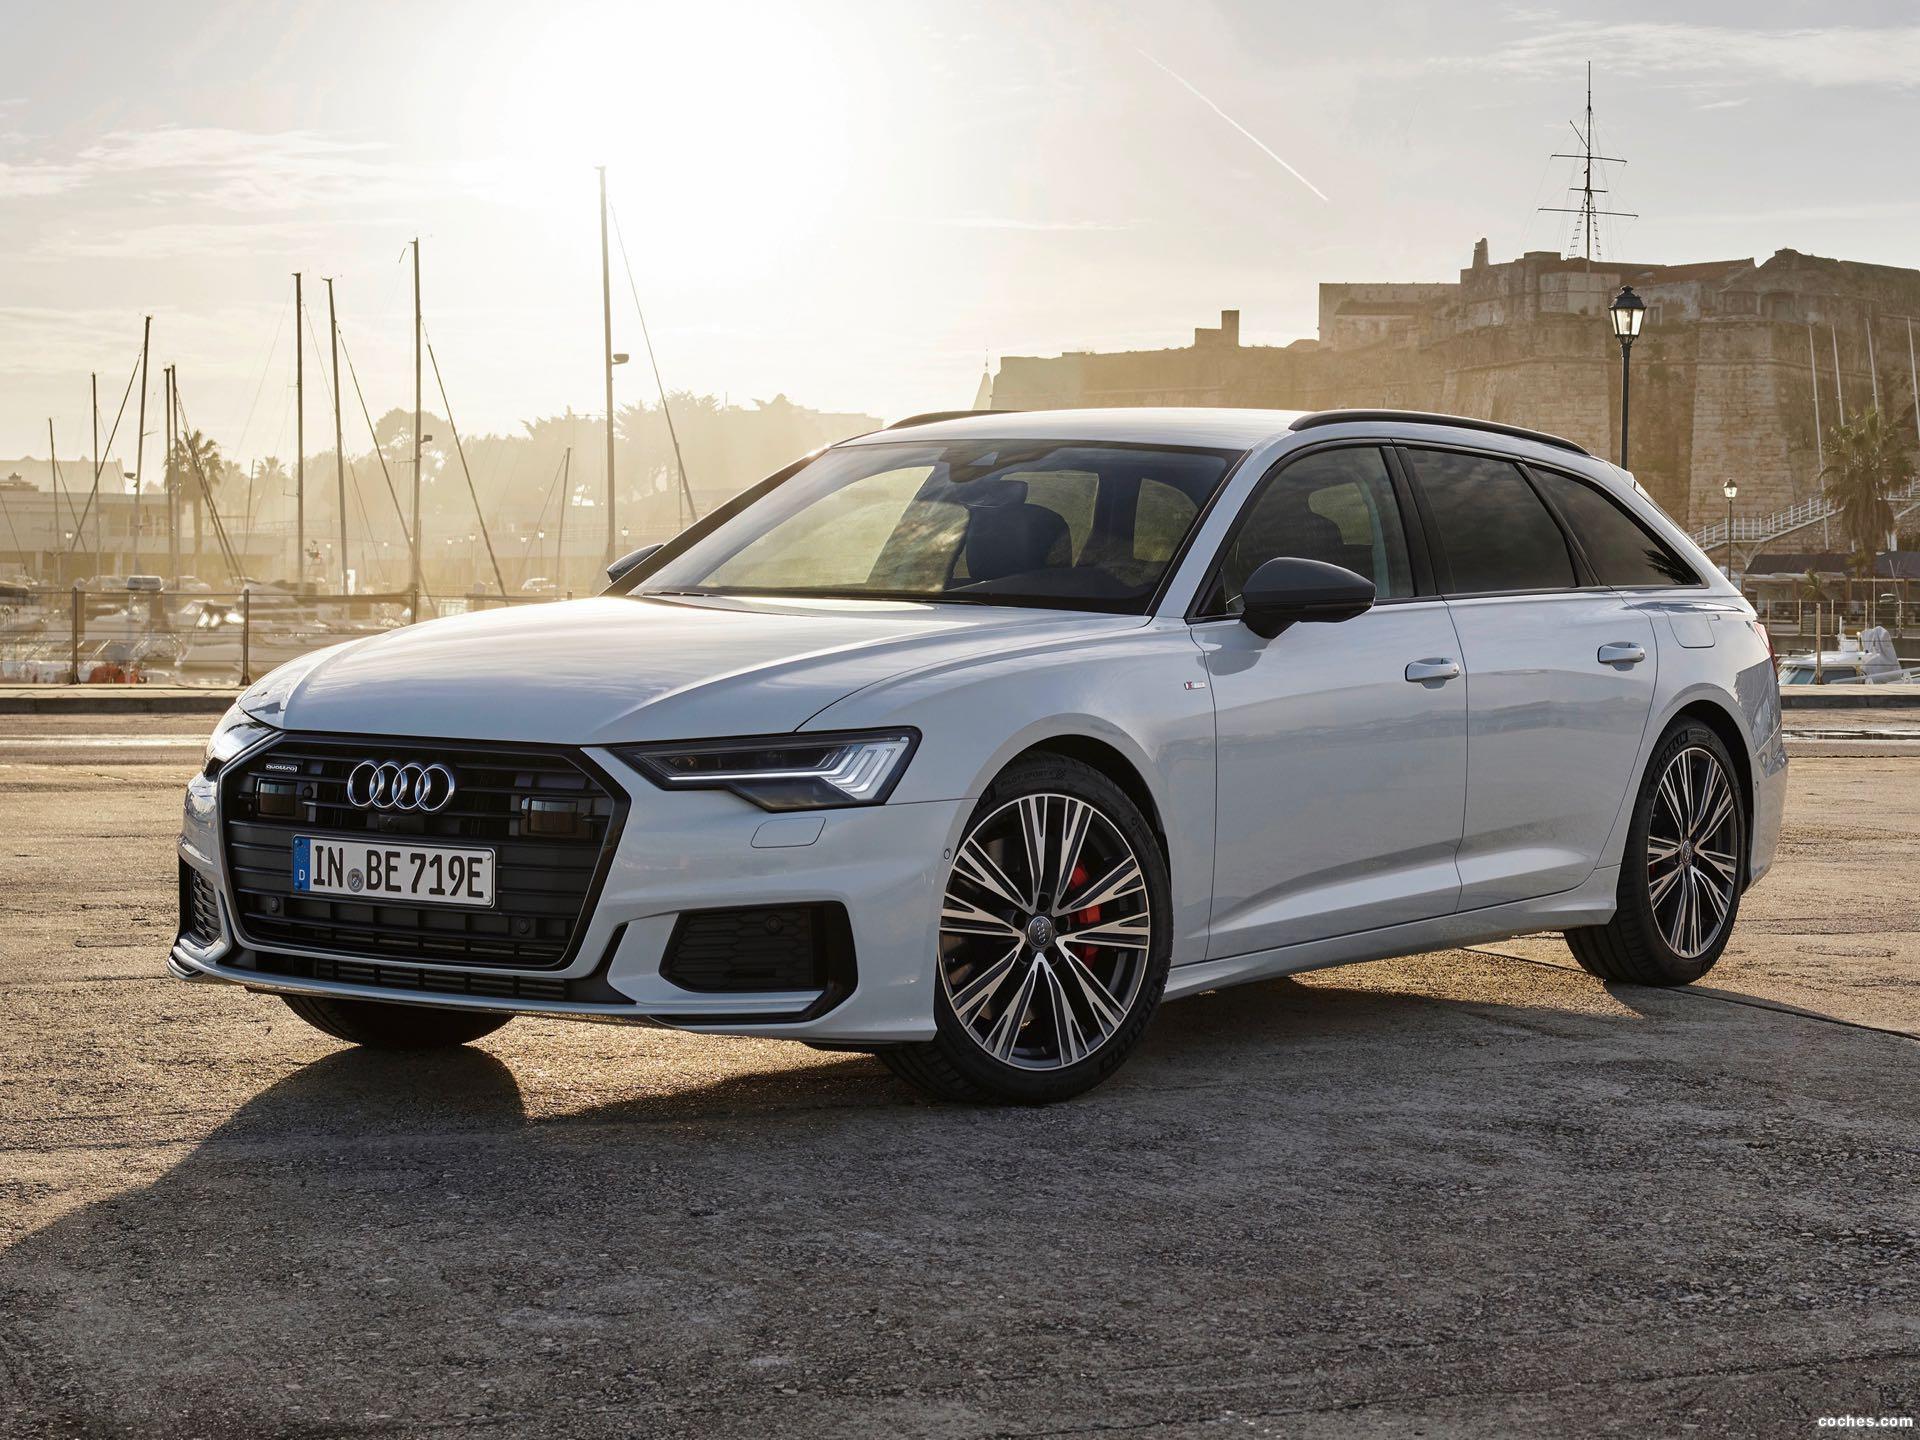 Foto 7 de Audi A6 Avant 55 TFSI e quattro 2020